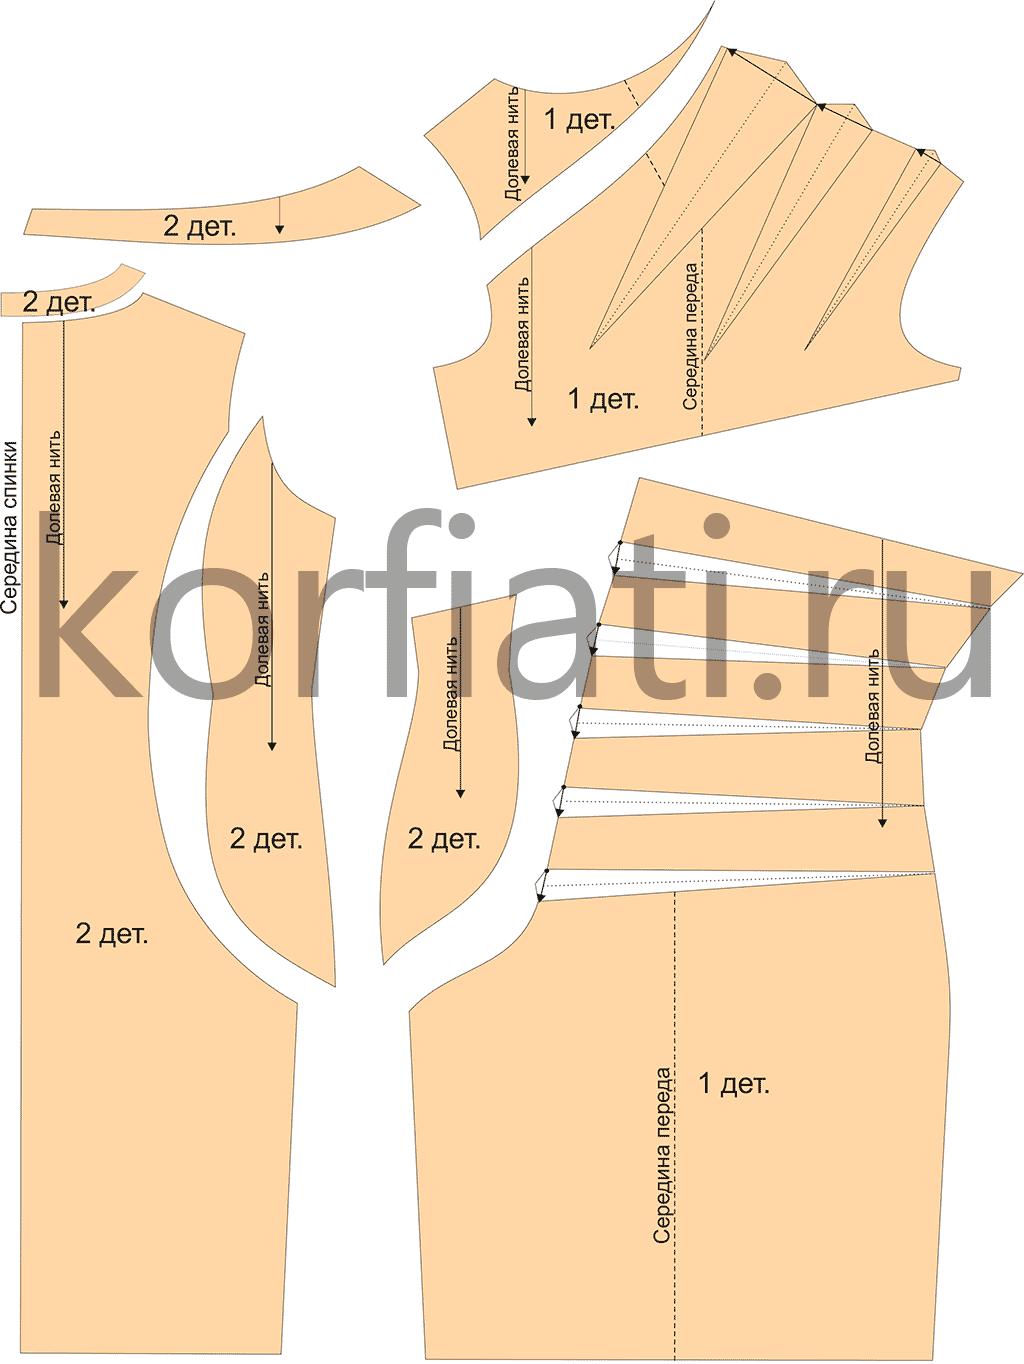 Выкройка платья сложного кроя - детали